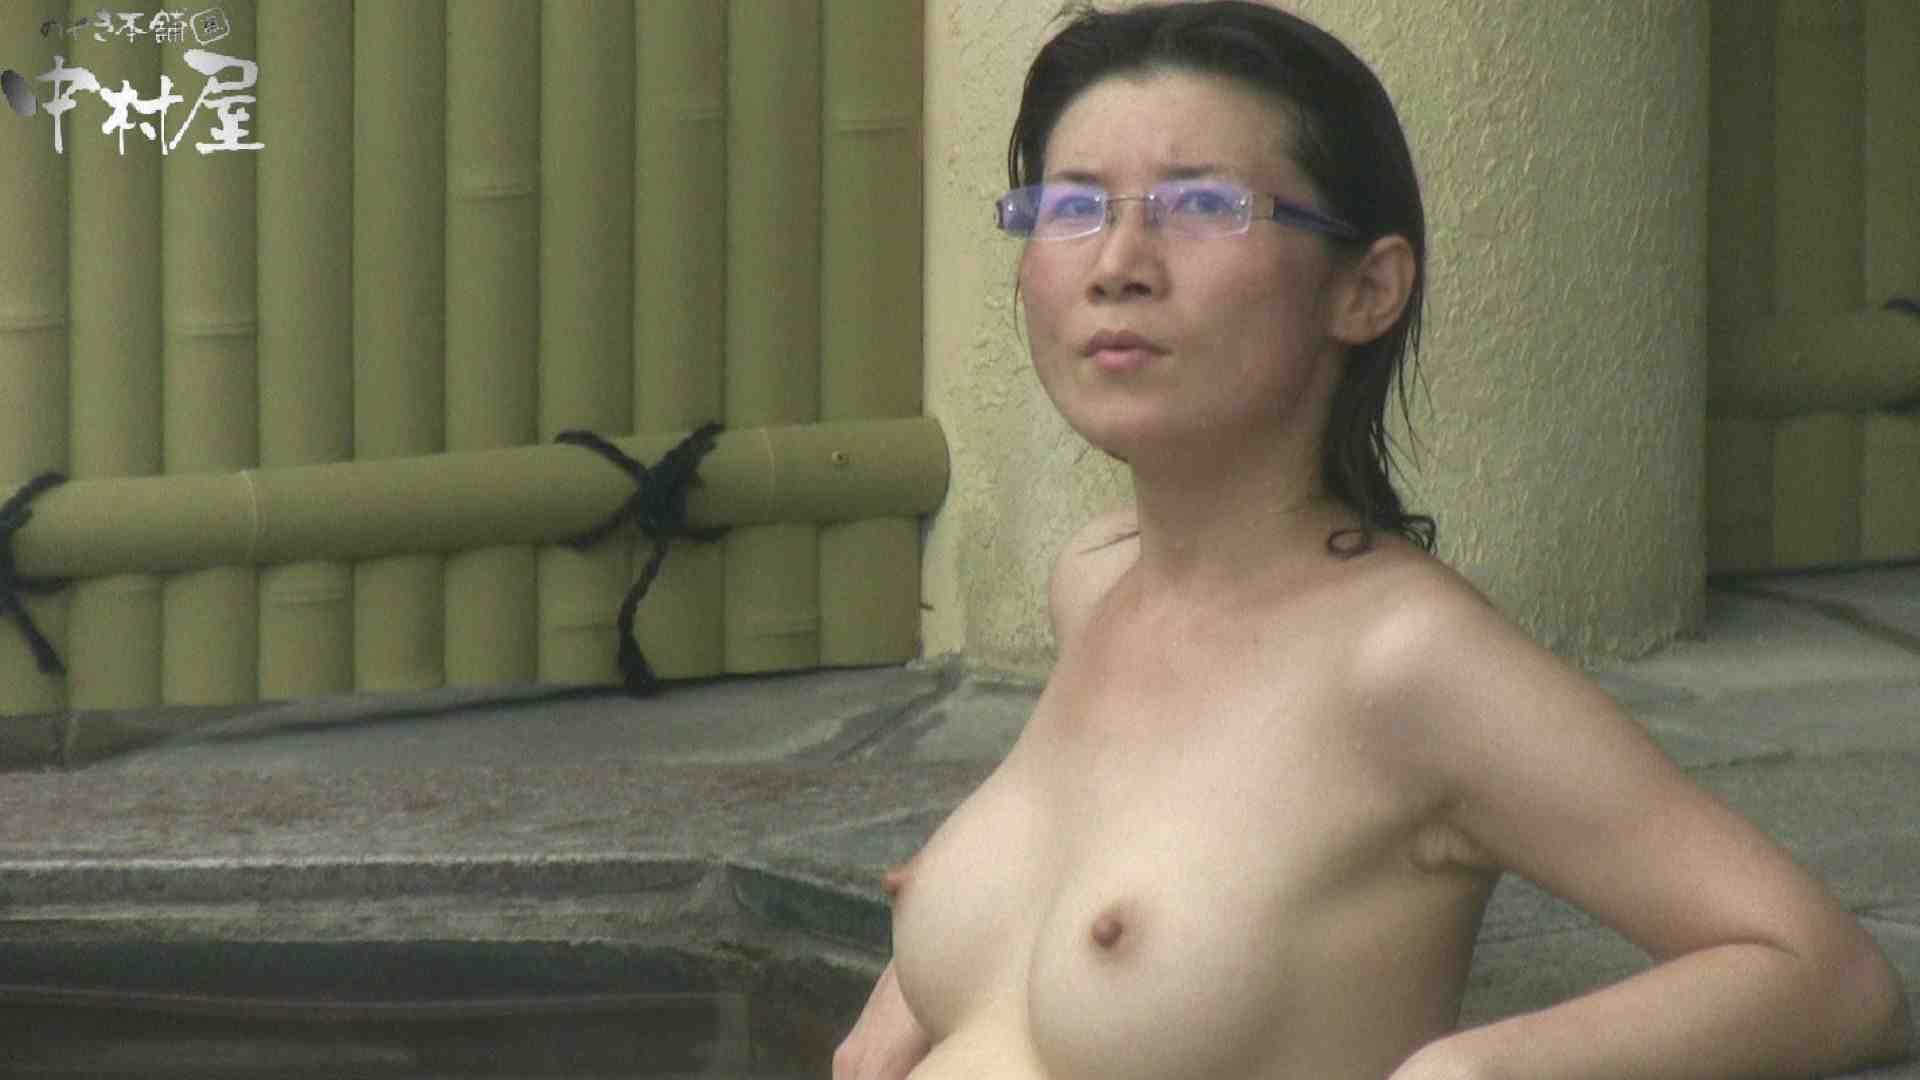 Aquaな露天風呂Vol.905 露天 | 盗撮  90pic 7